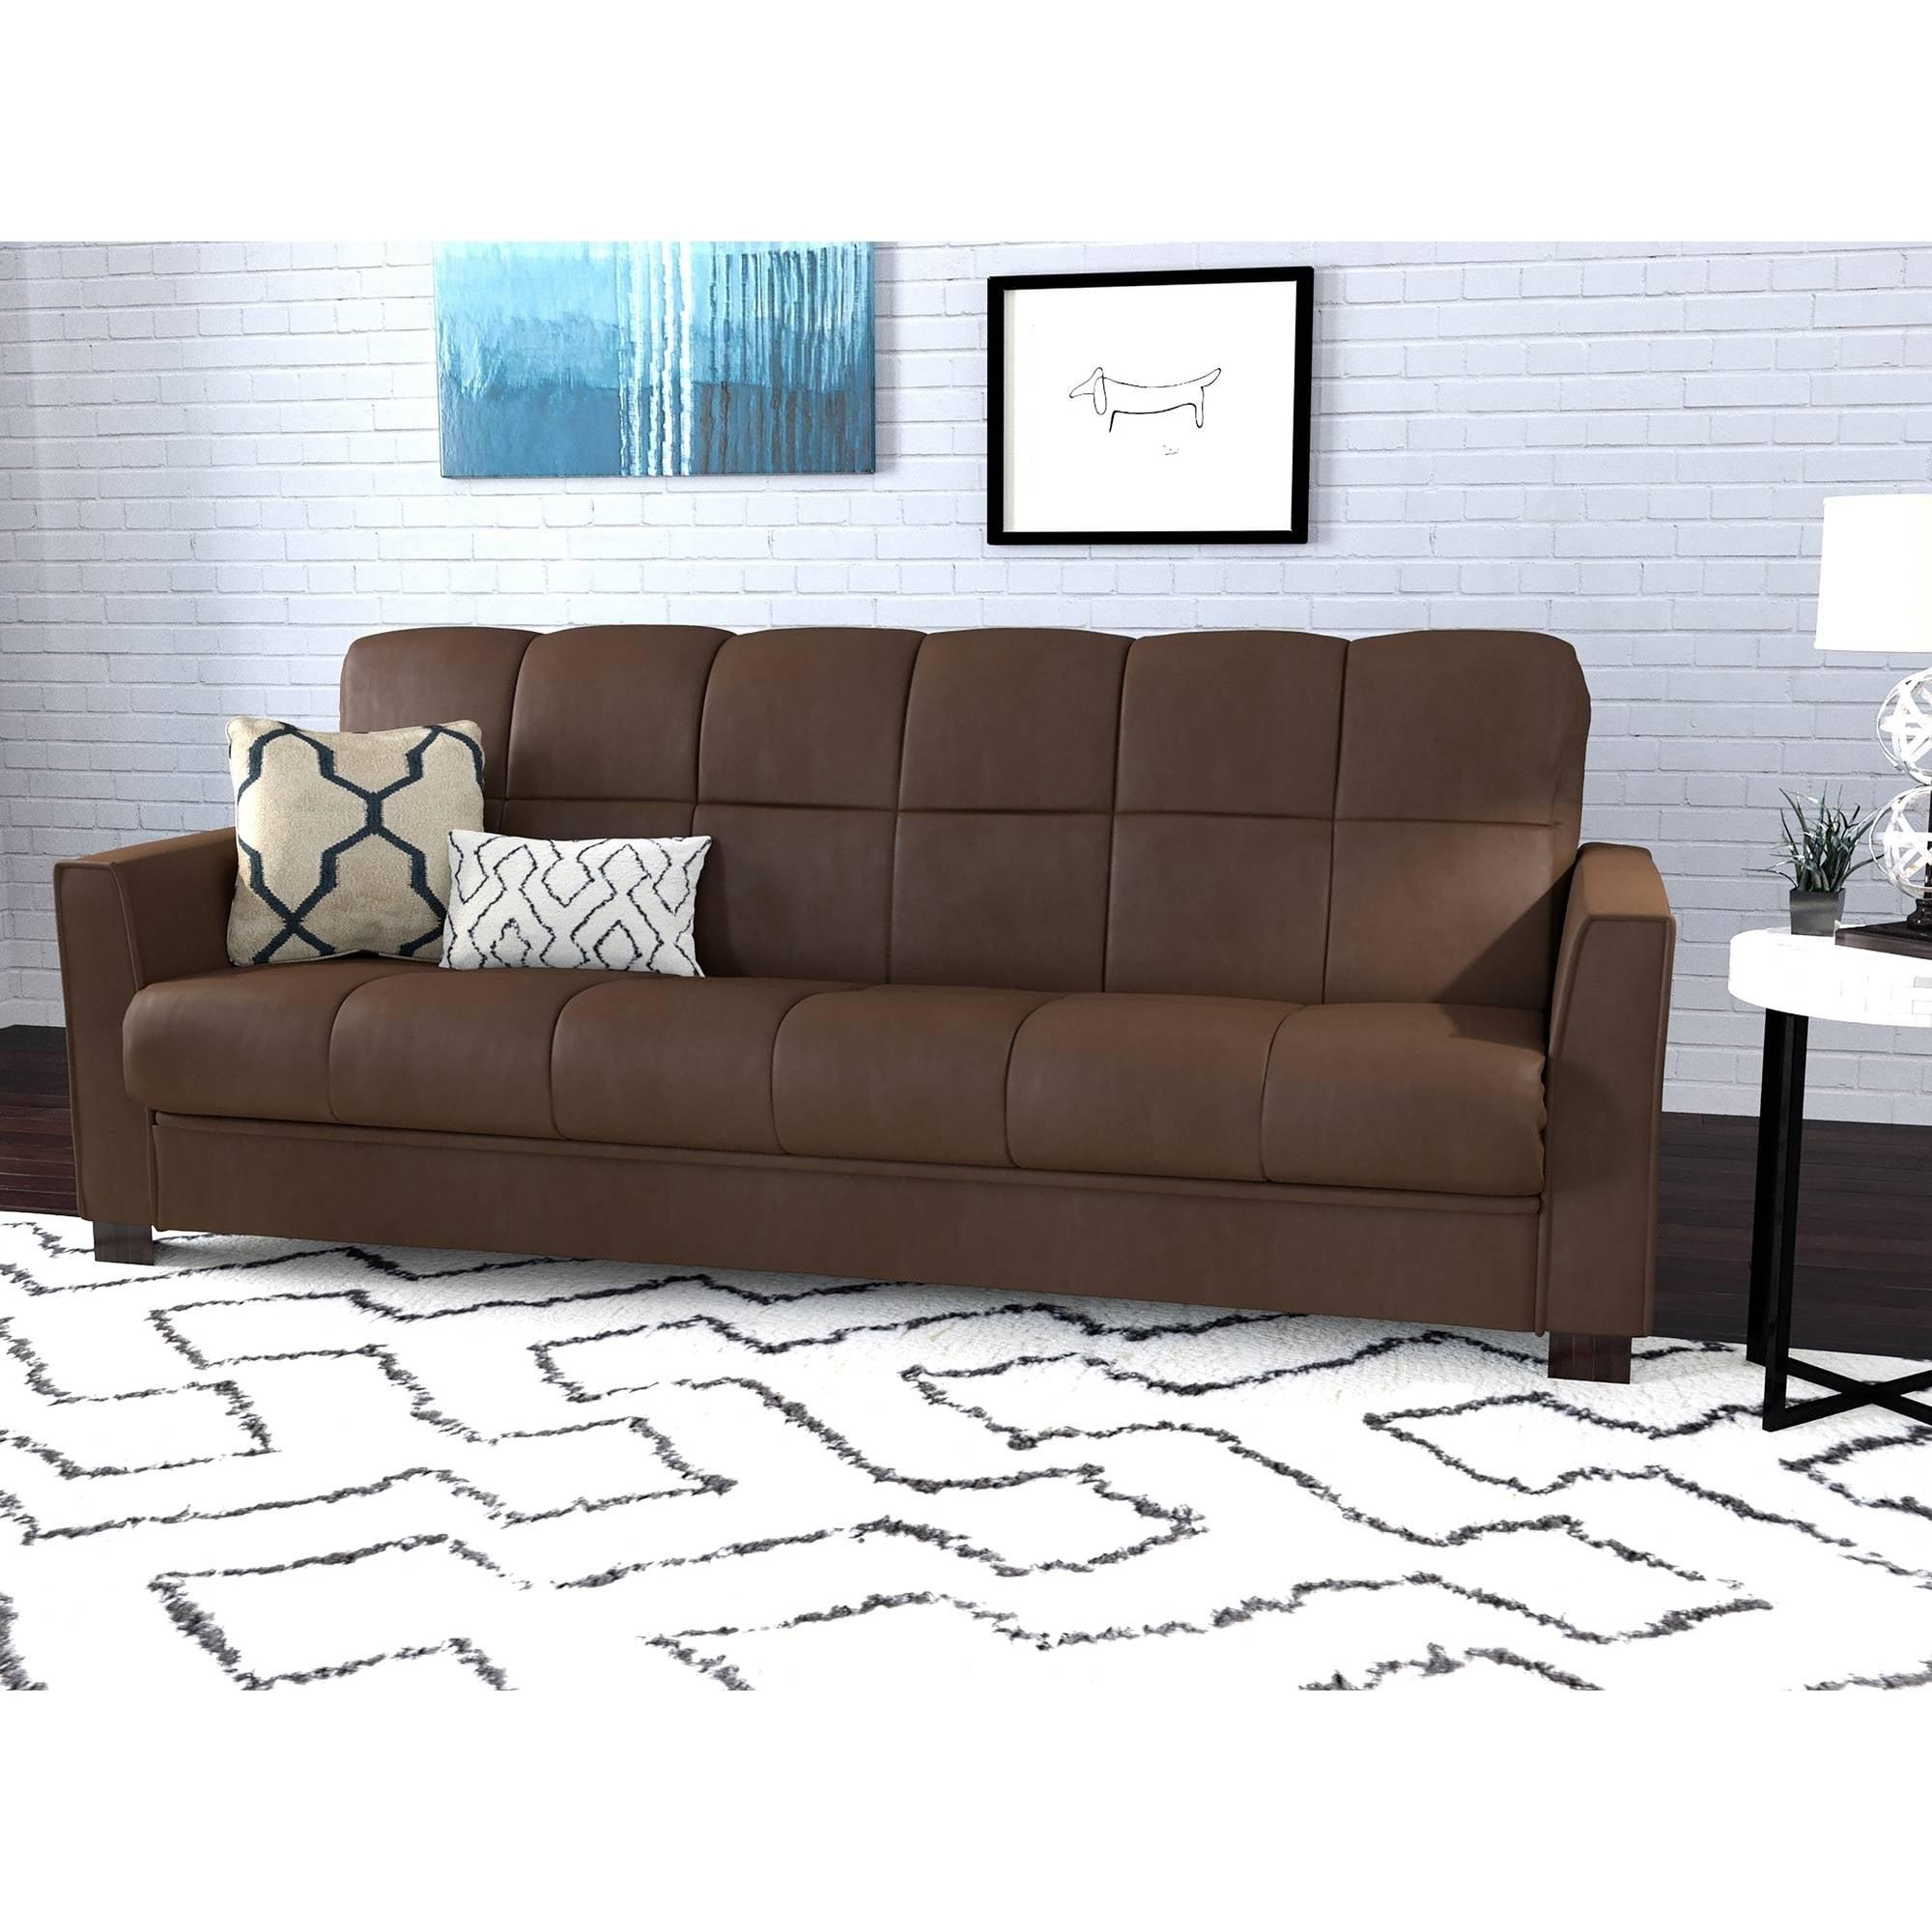 futons, futon beds, sofa beds - walmart